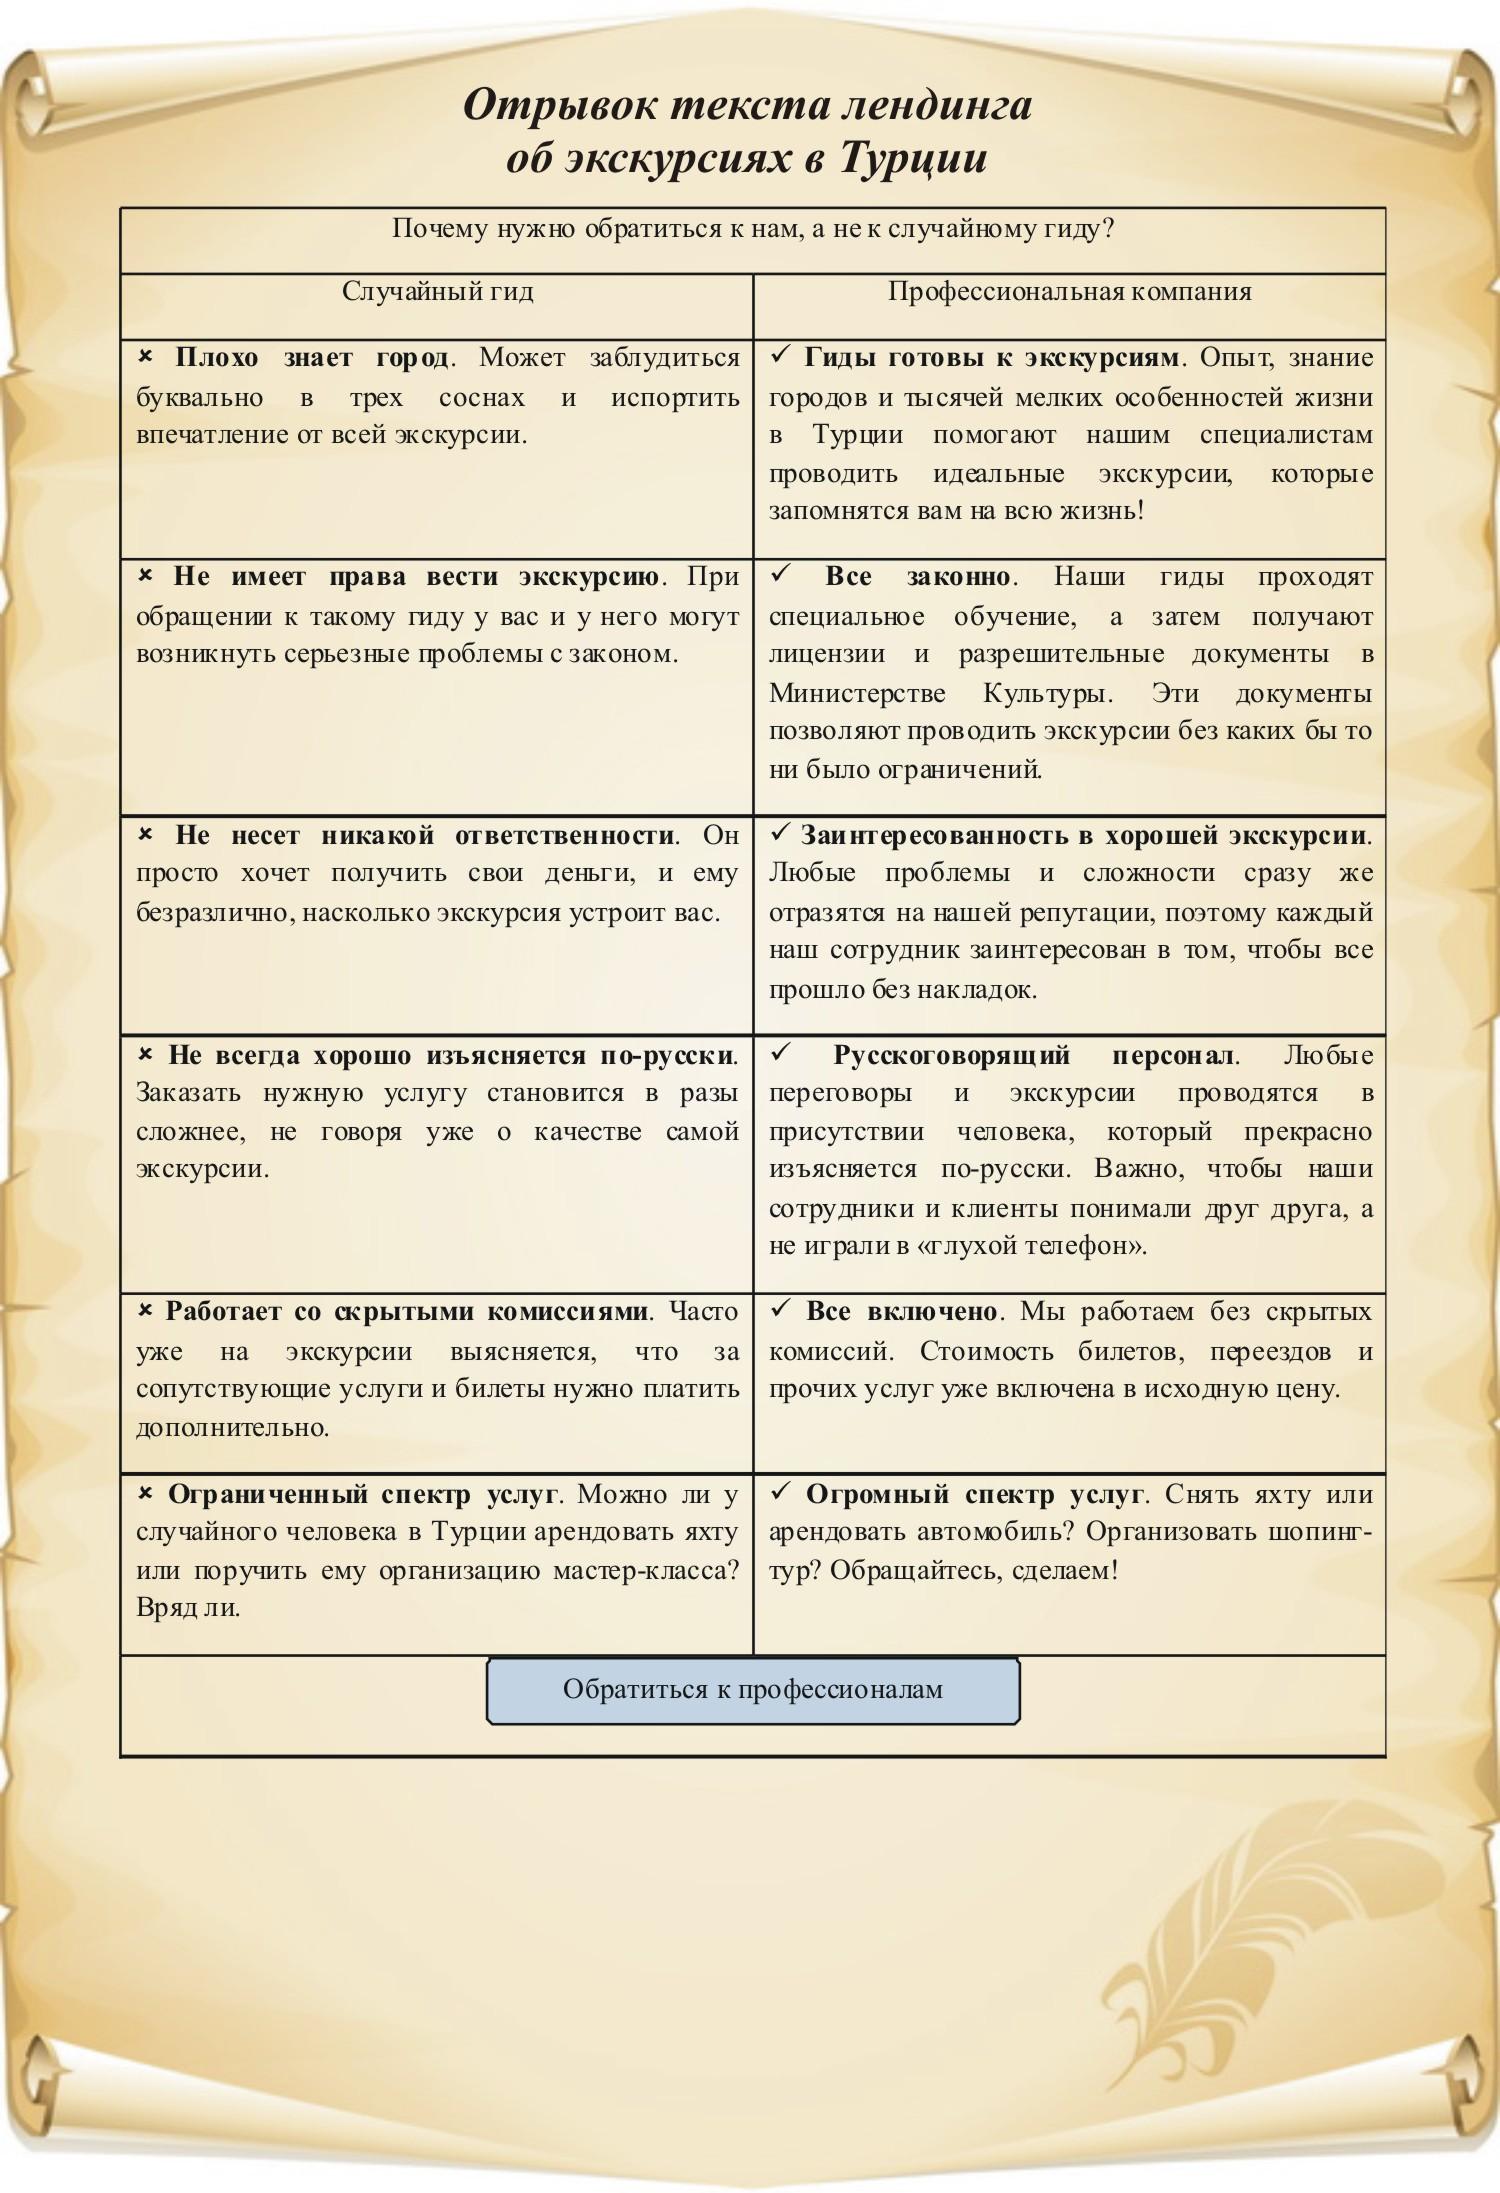 Текст лендинга об организации экскурсий в Турции (отрывок)